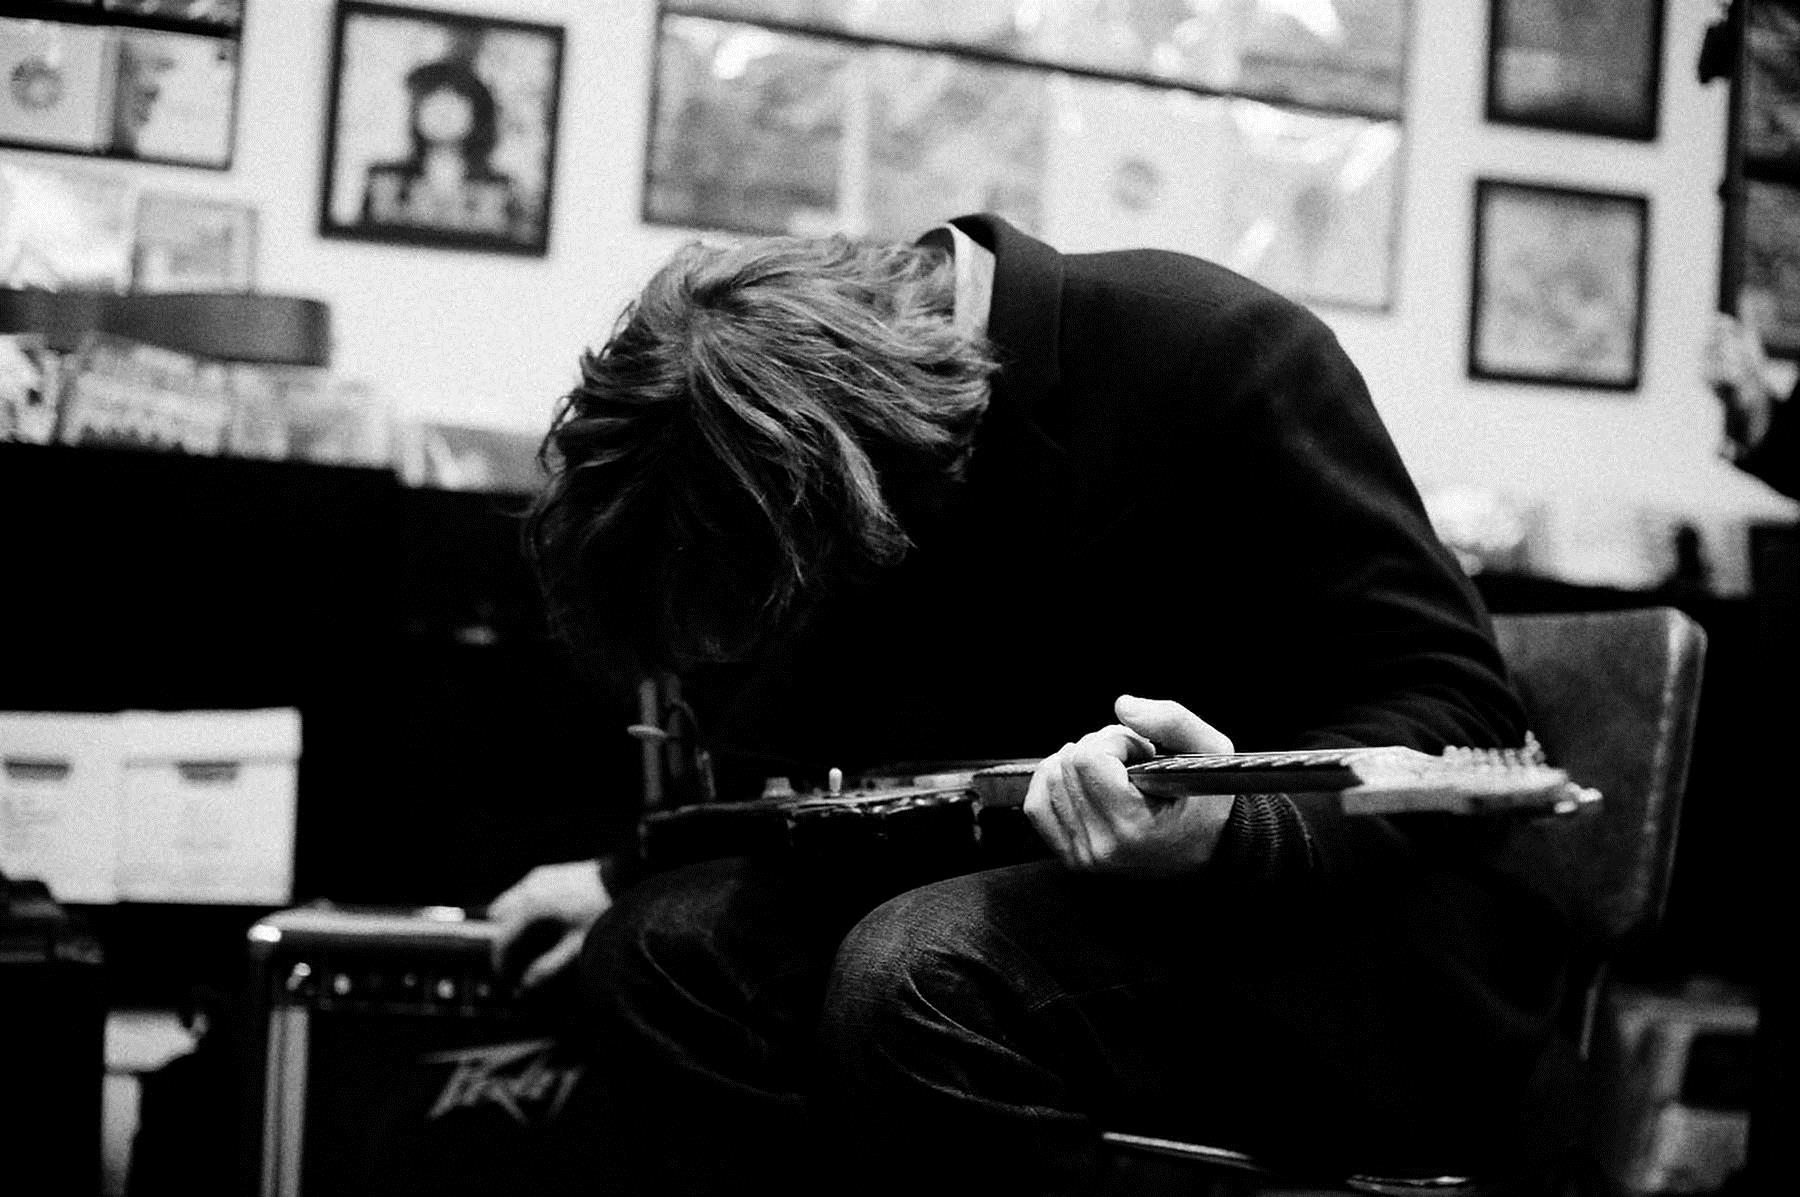 """PÚBLICO - """"A música, a poesia e a arte podem ser alternativas à energia negativa do mundo"""""""